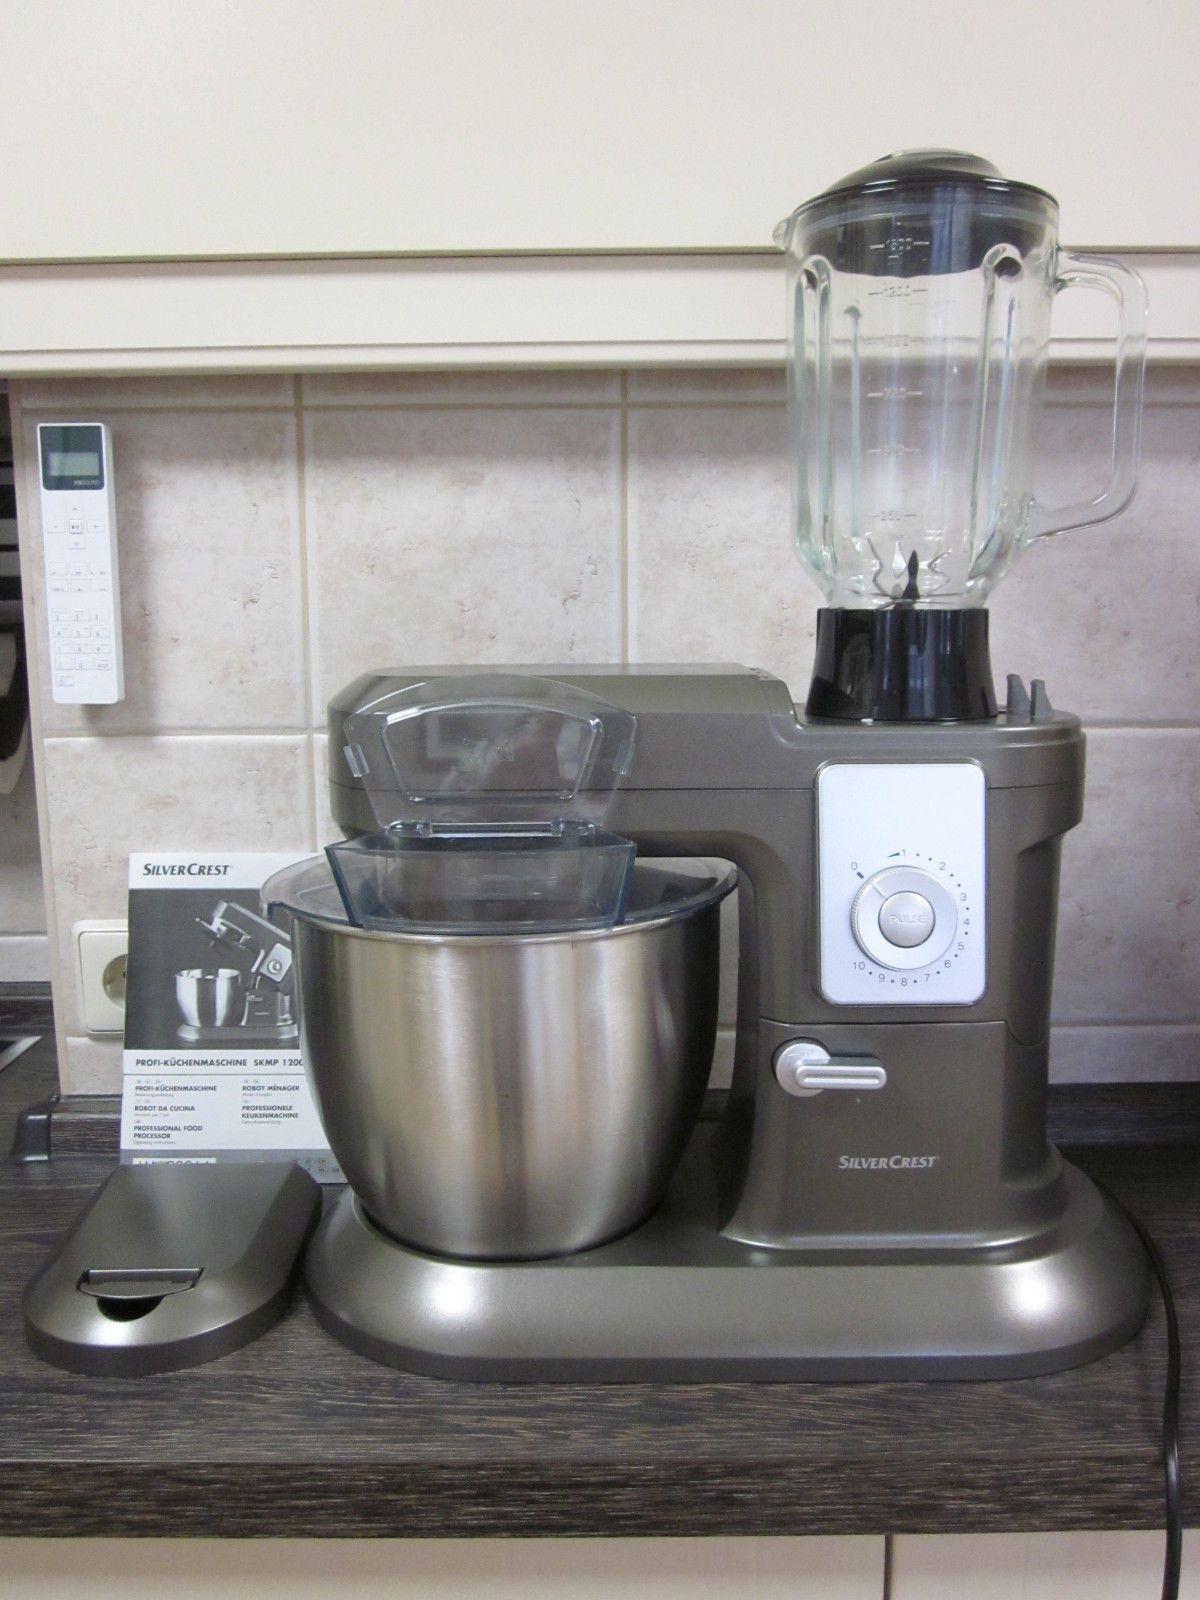 Küchenmaschine, Profi - Küchenmaschine, SILVERCREST, Mixer, mixen ...